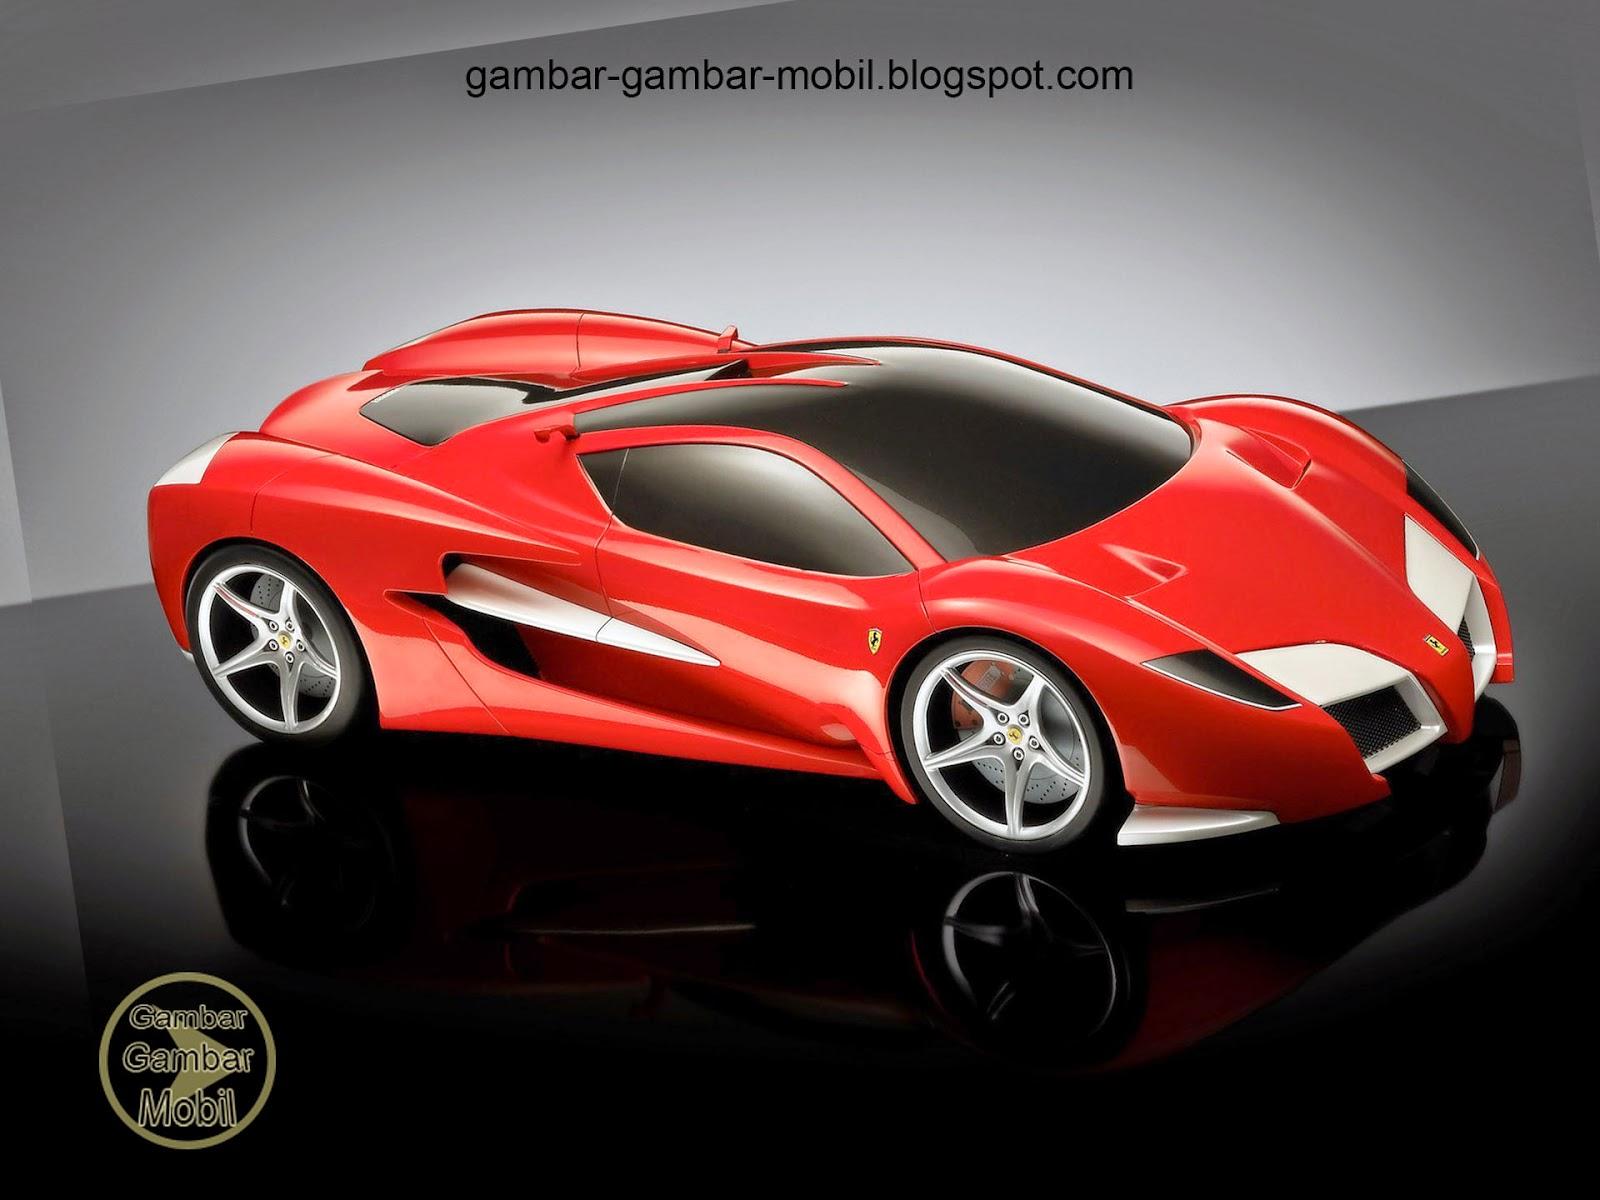 Gambar mobil ferrari  Gambar Gambar Mobil